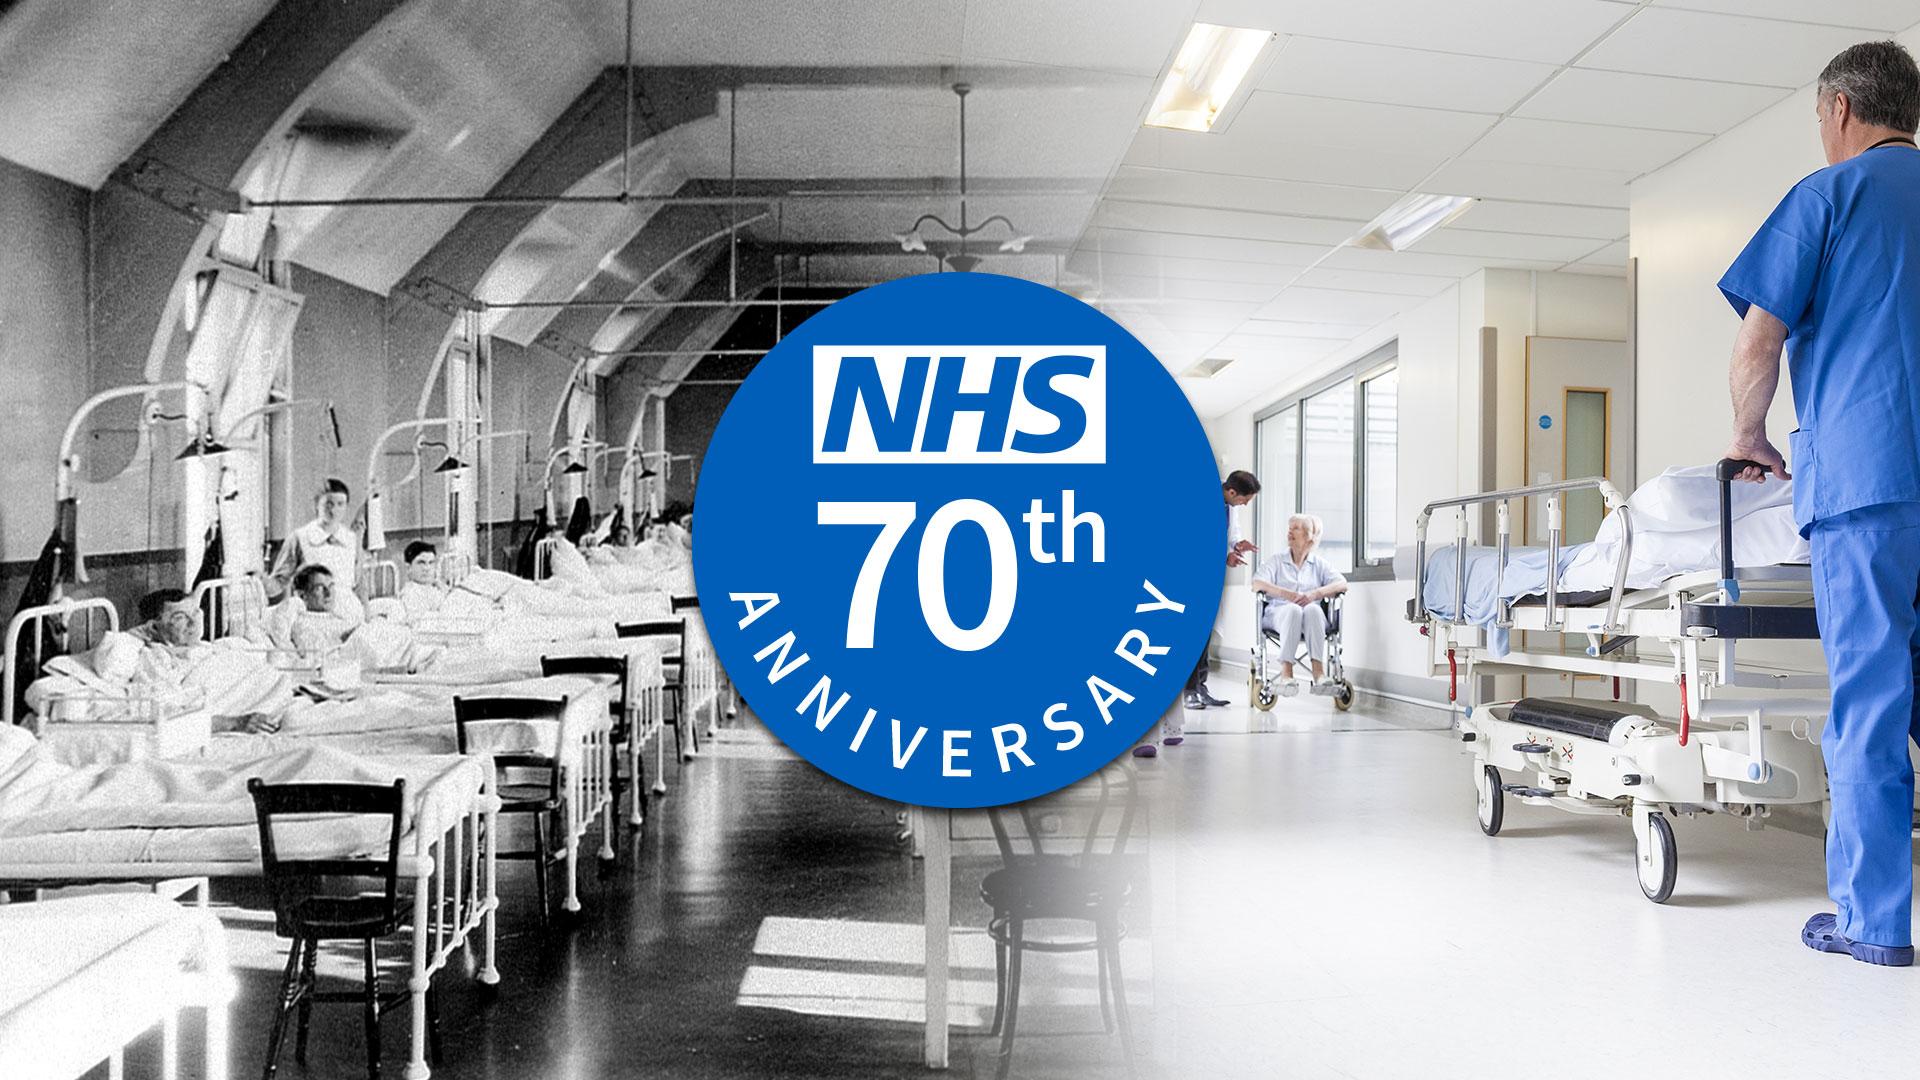 NHS at 70!